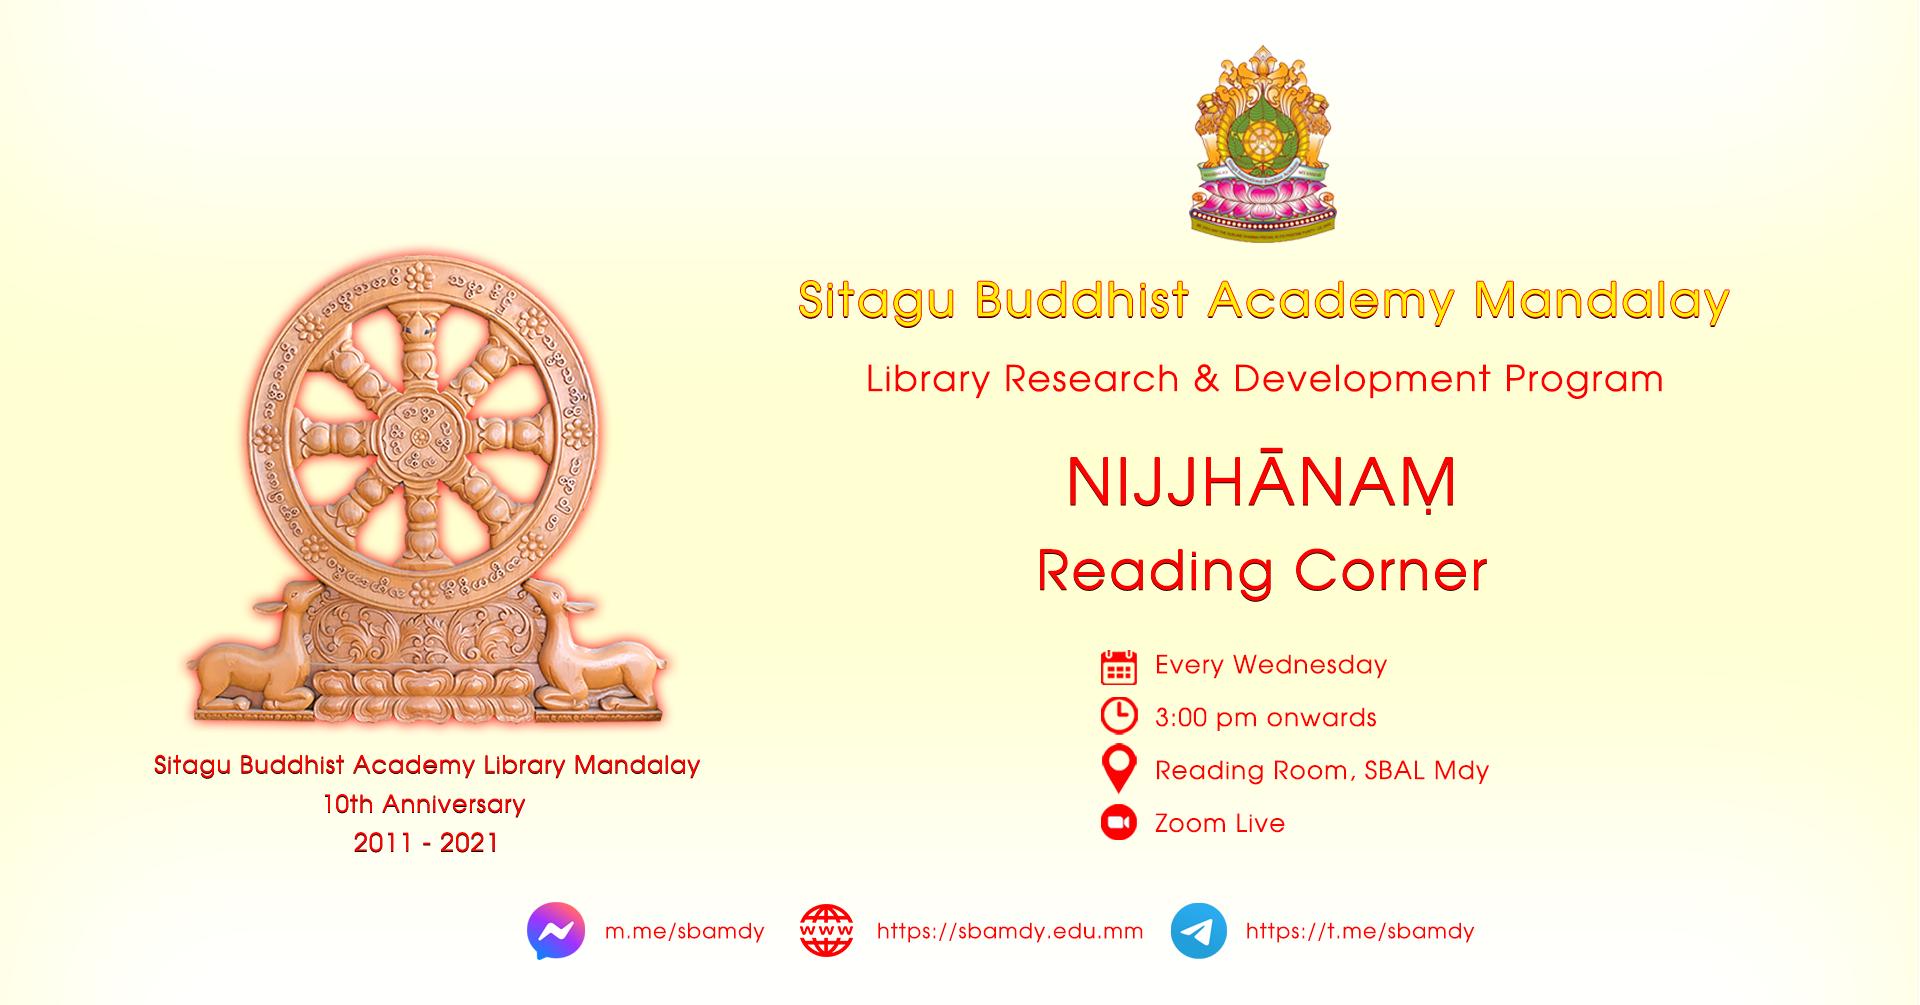 Nijjhanam Reading Corner